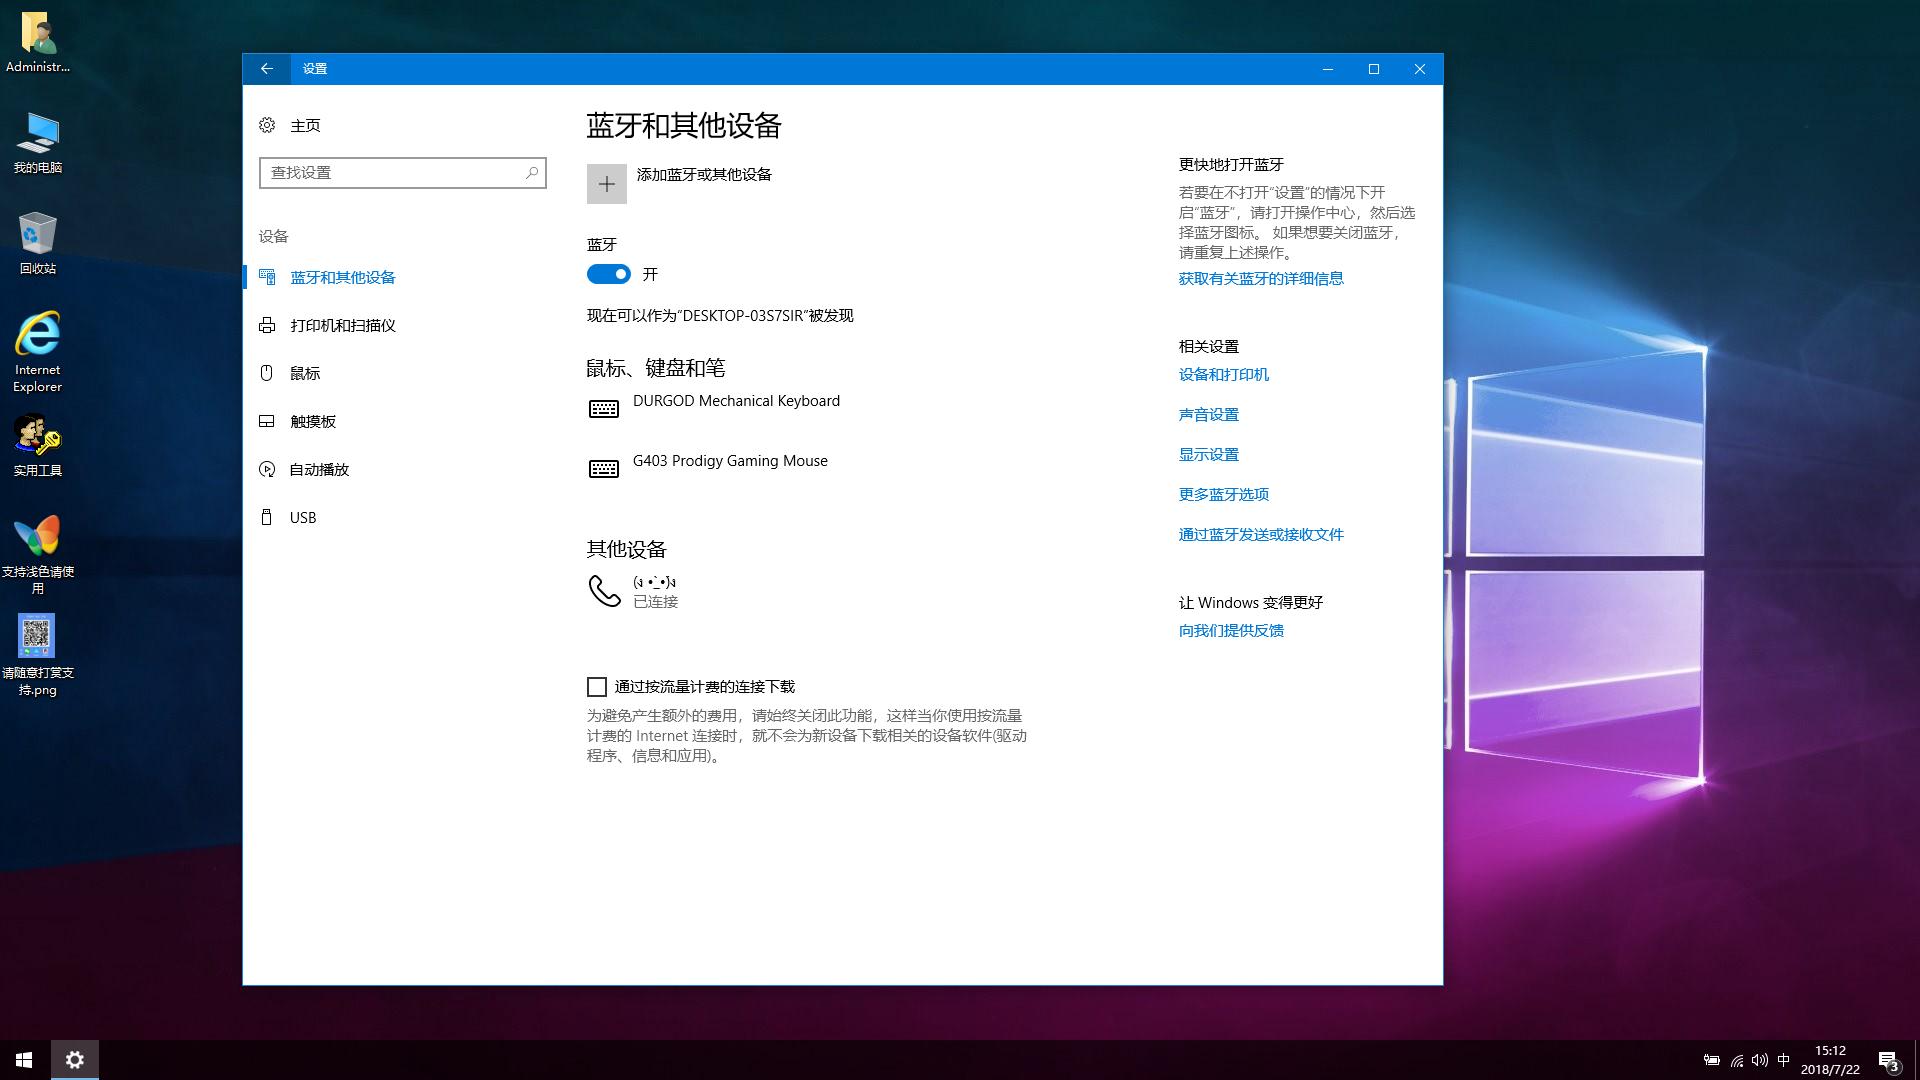 【浅色】2018年7月21日更新!Win10 EntS x64 RS3 16299 极速精简